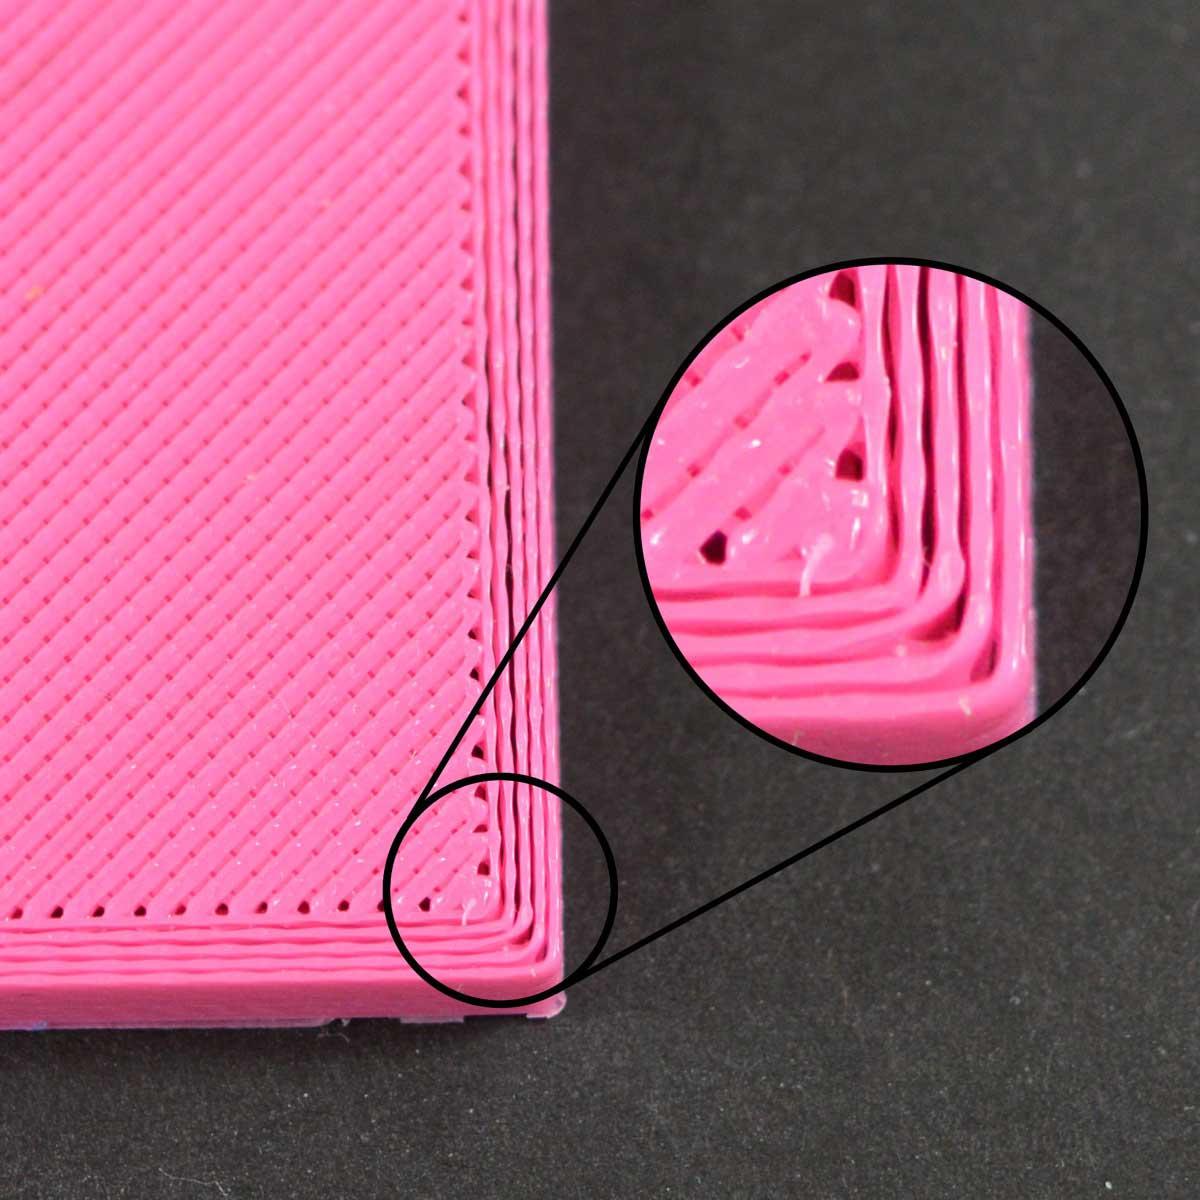 Щели в 3D распечатке. Принтер экструдирует недостаточно пластика, между периметром и внутренней частью модели имеются щели